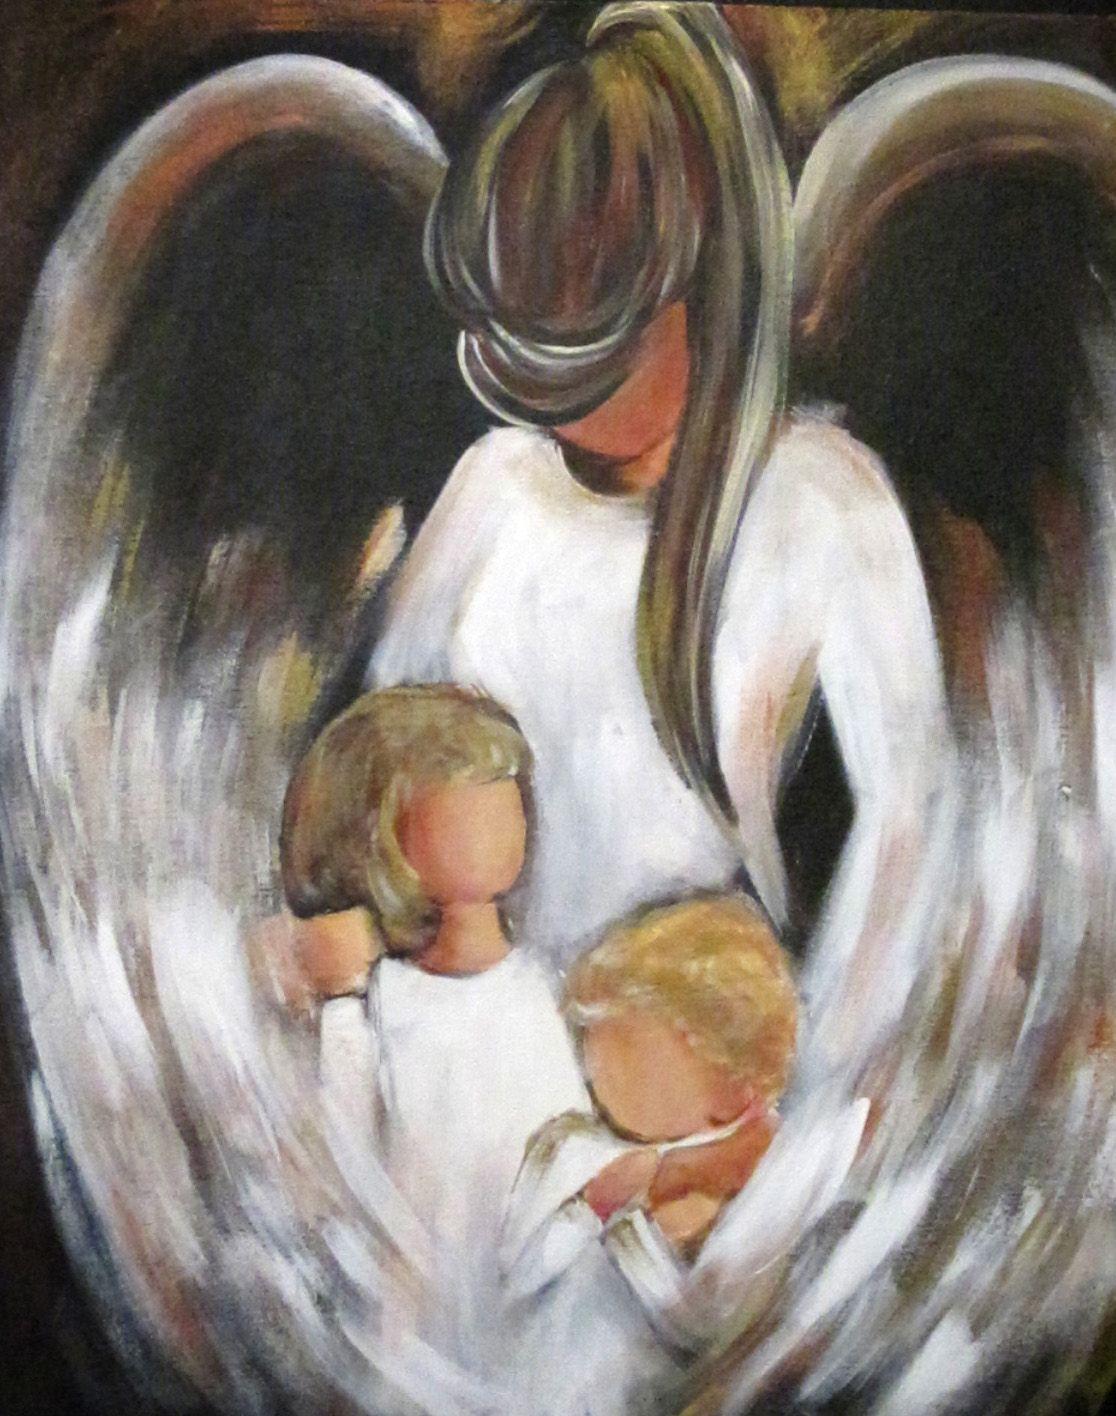 Мама я тебя люблю стихи от дочки трогательные до слез несмотря различную